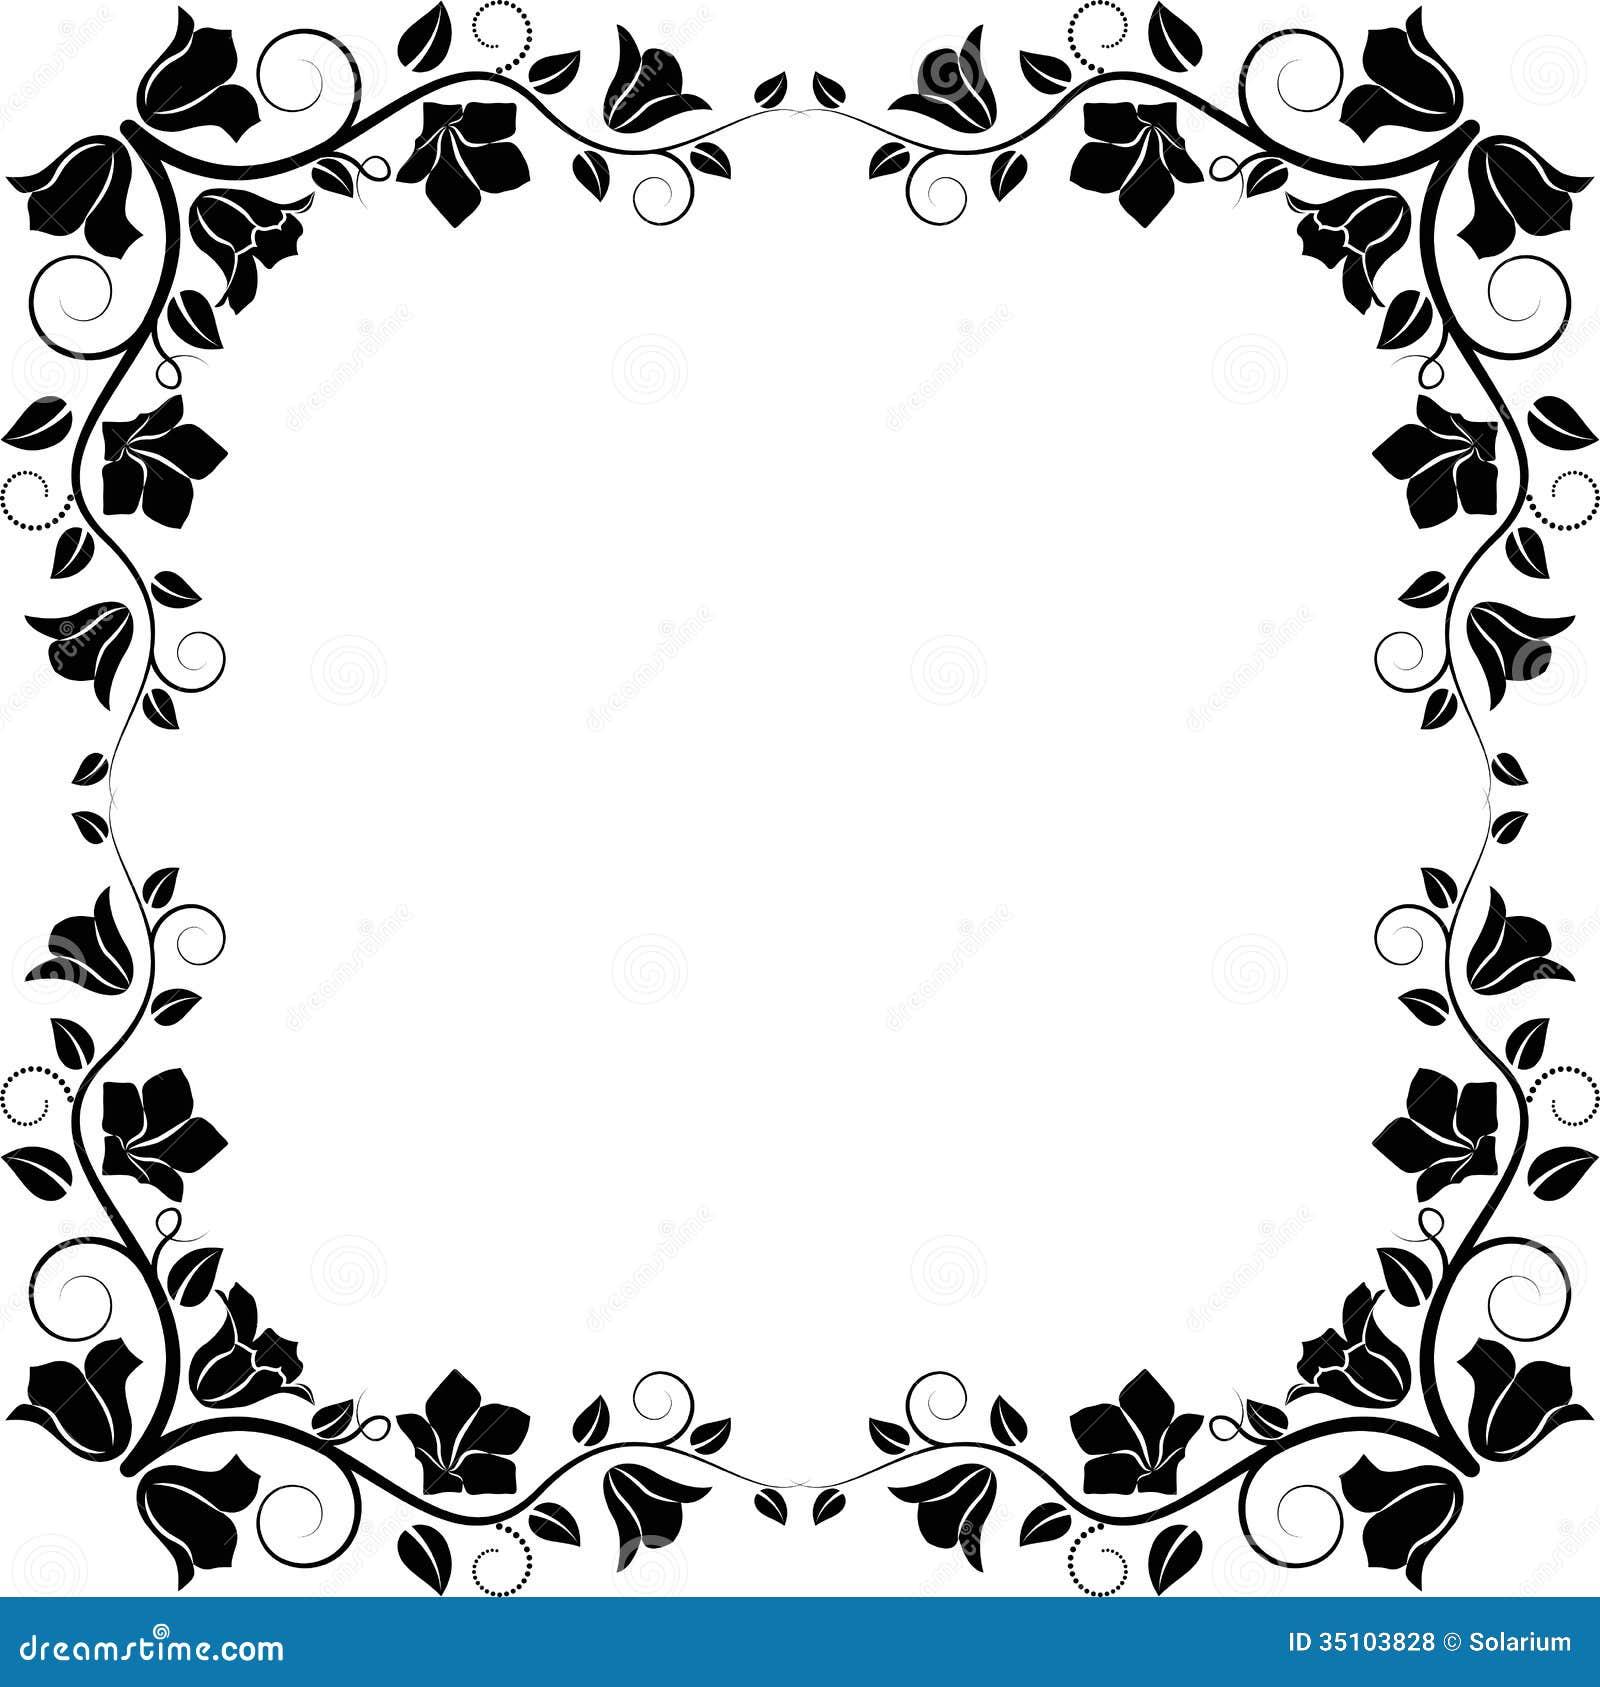 blumenrahmen vektor abbildung bild von verzierung profil 35103828. Black Bedroom Furniture Sets. Home Design Ideas